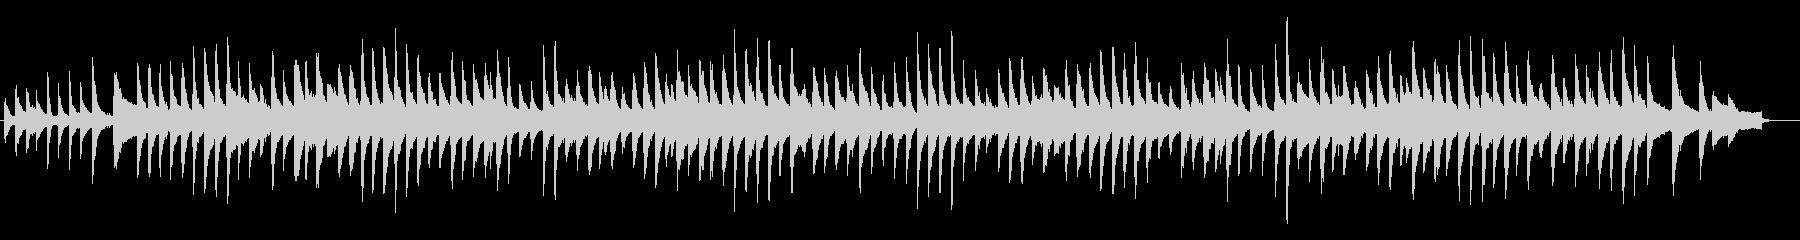 荒城の月・ピアノの未再生の波形